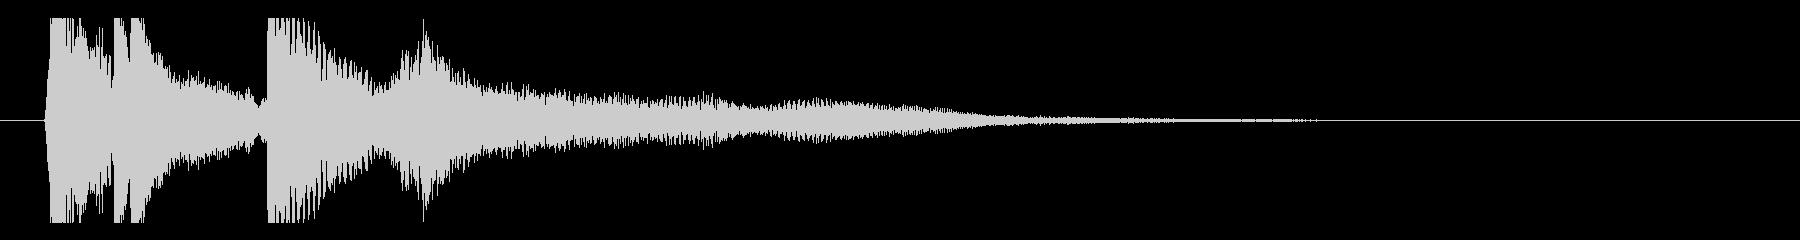 ピアノとストリングスの協奏曲風ジングルの未再生の波形